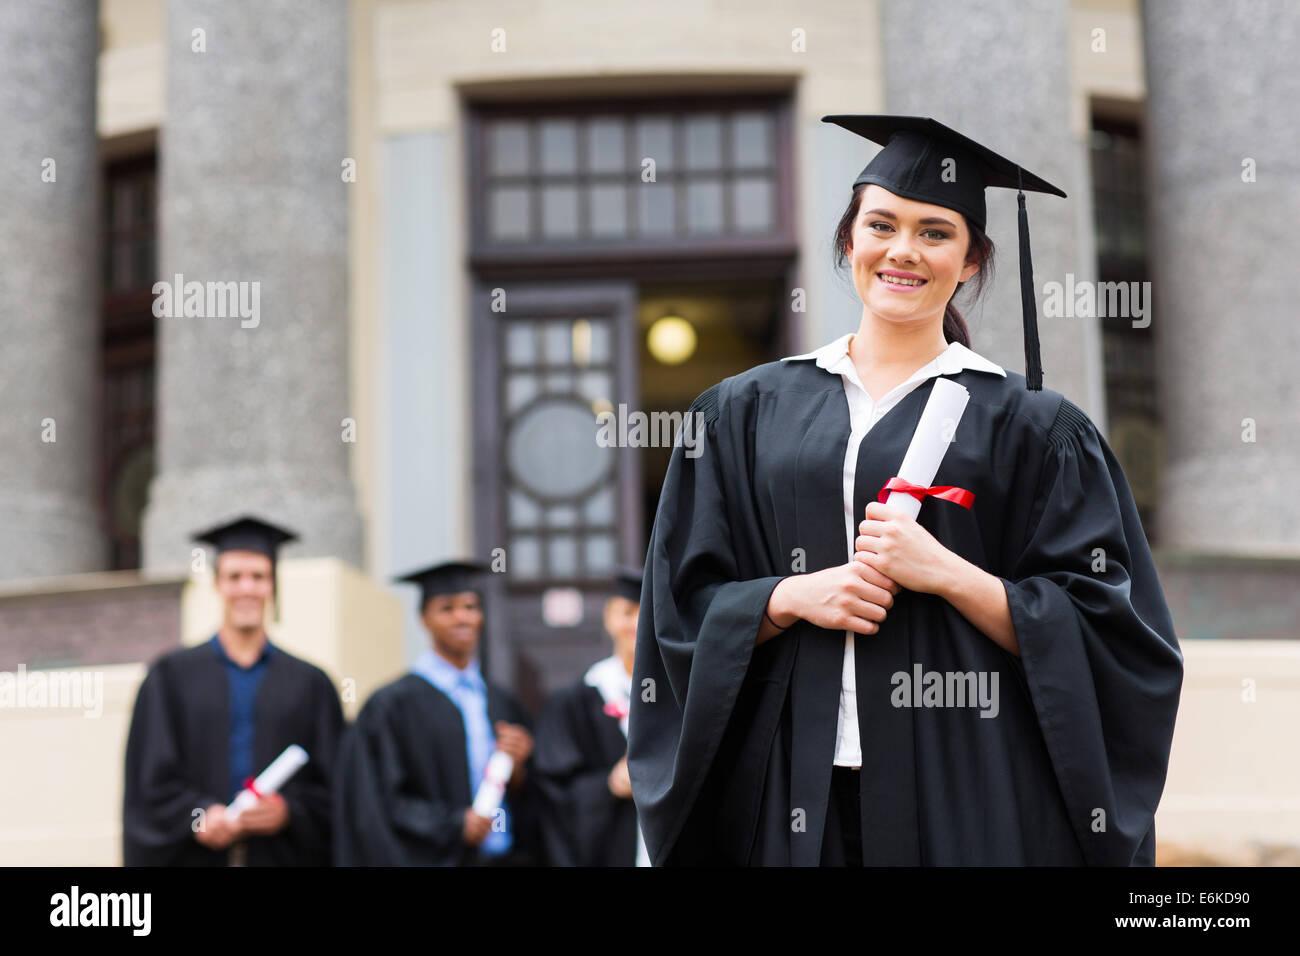 Ritratto di bella femmina graduate indossando abito di laurea presso il  college graduazione b5400d146d16